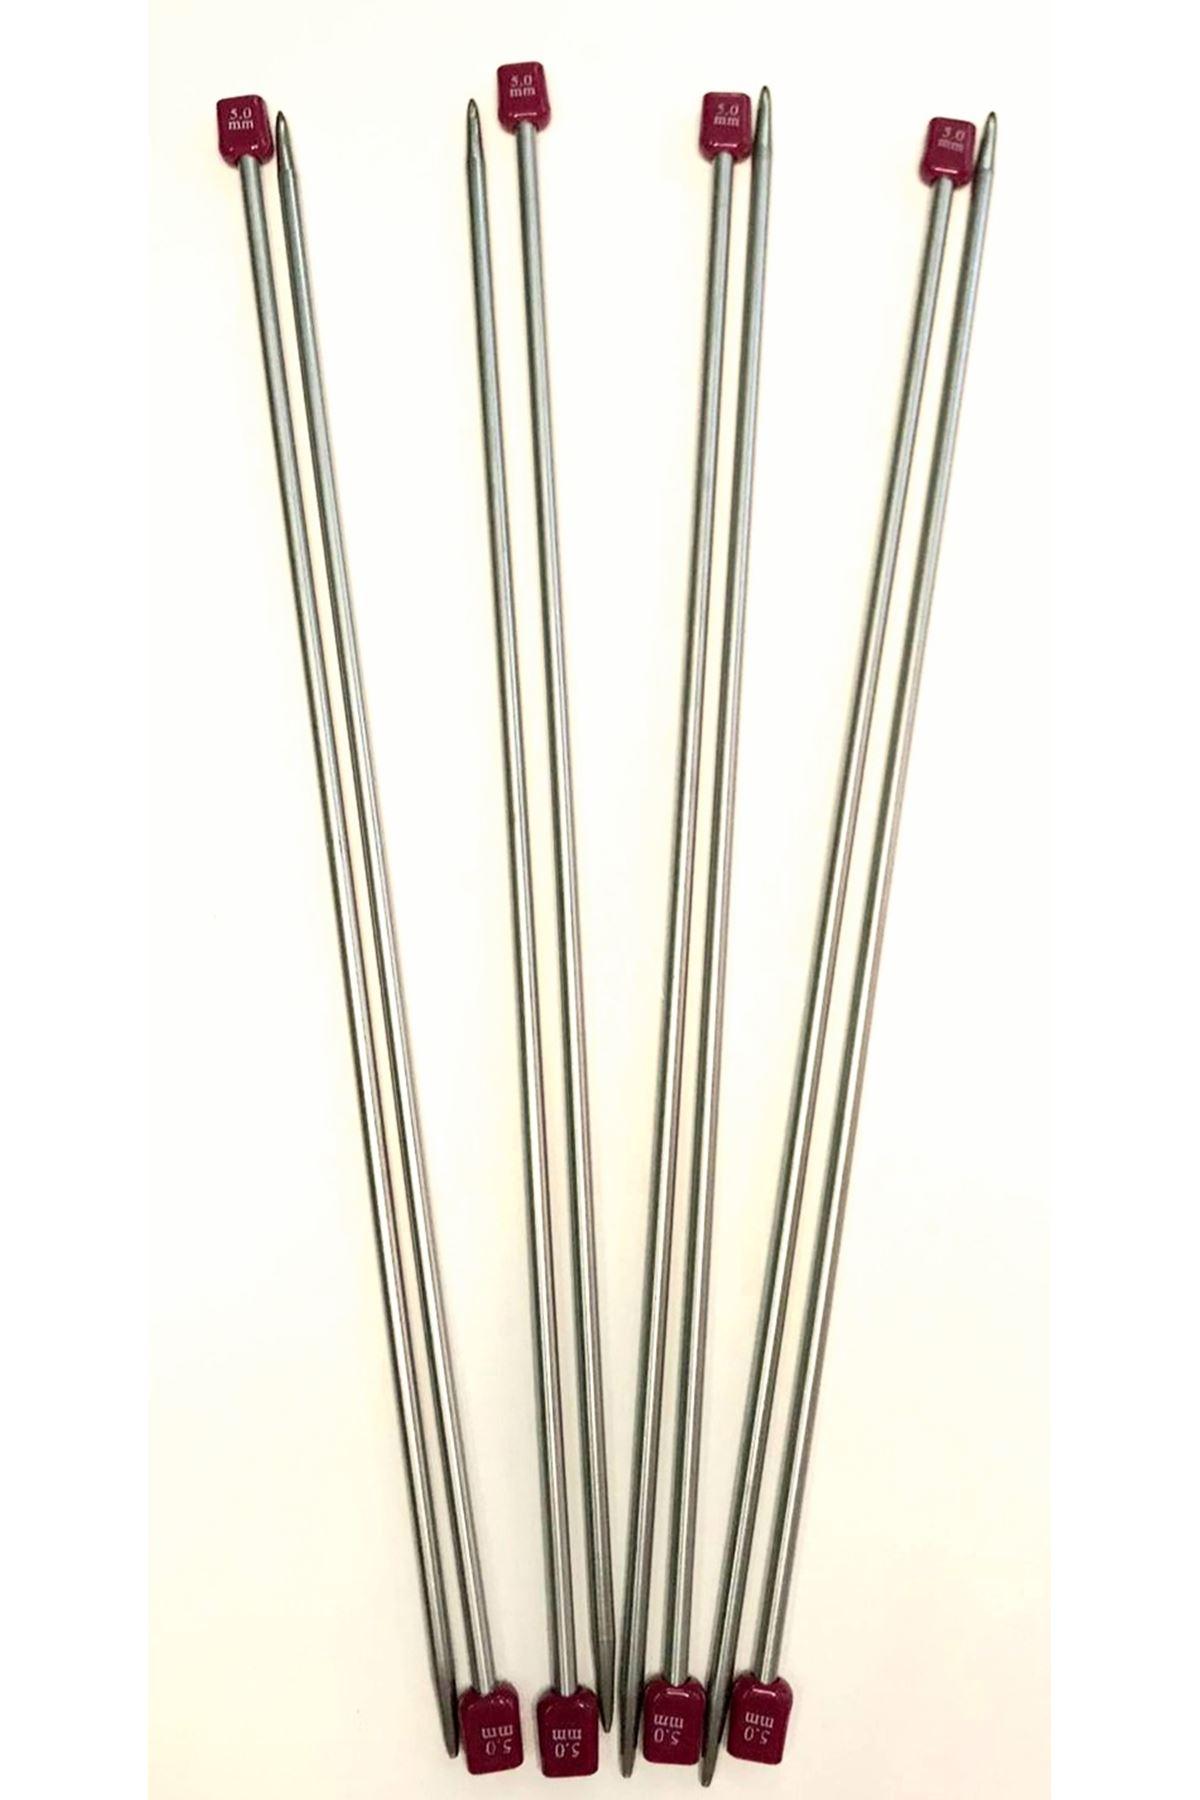 Titanyum/Çelik Şiş 8 mm